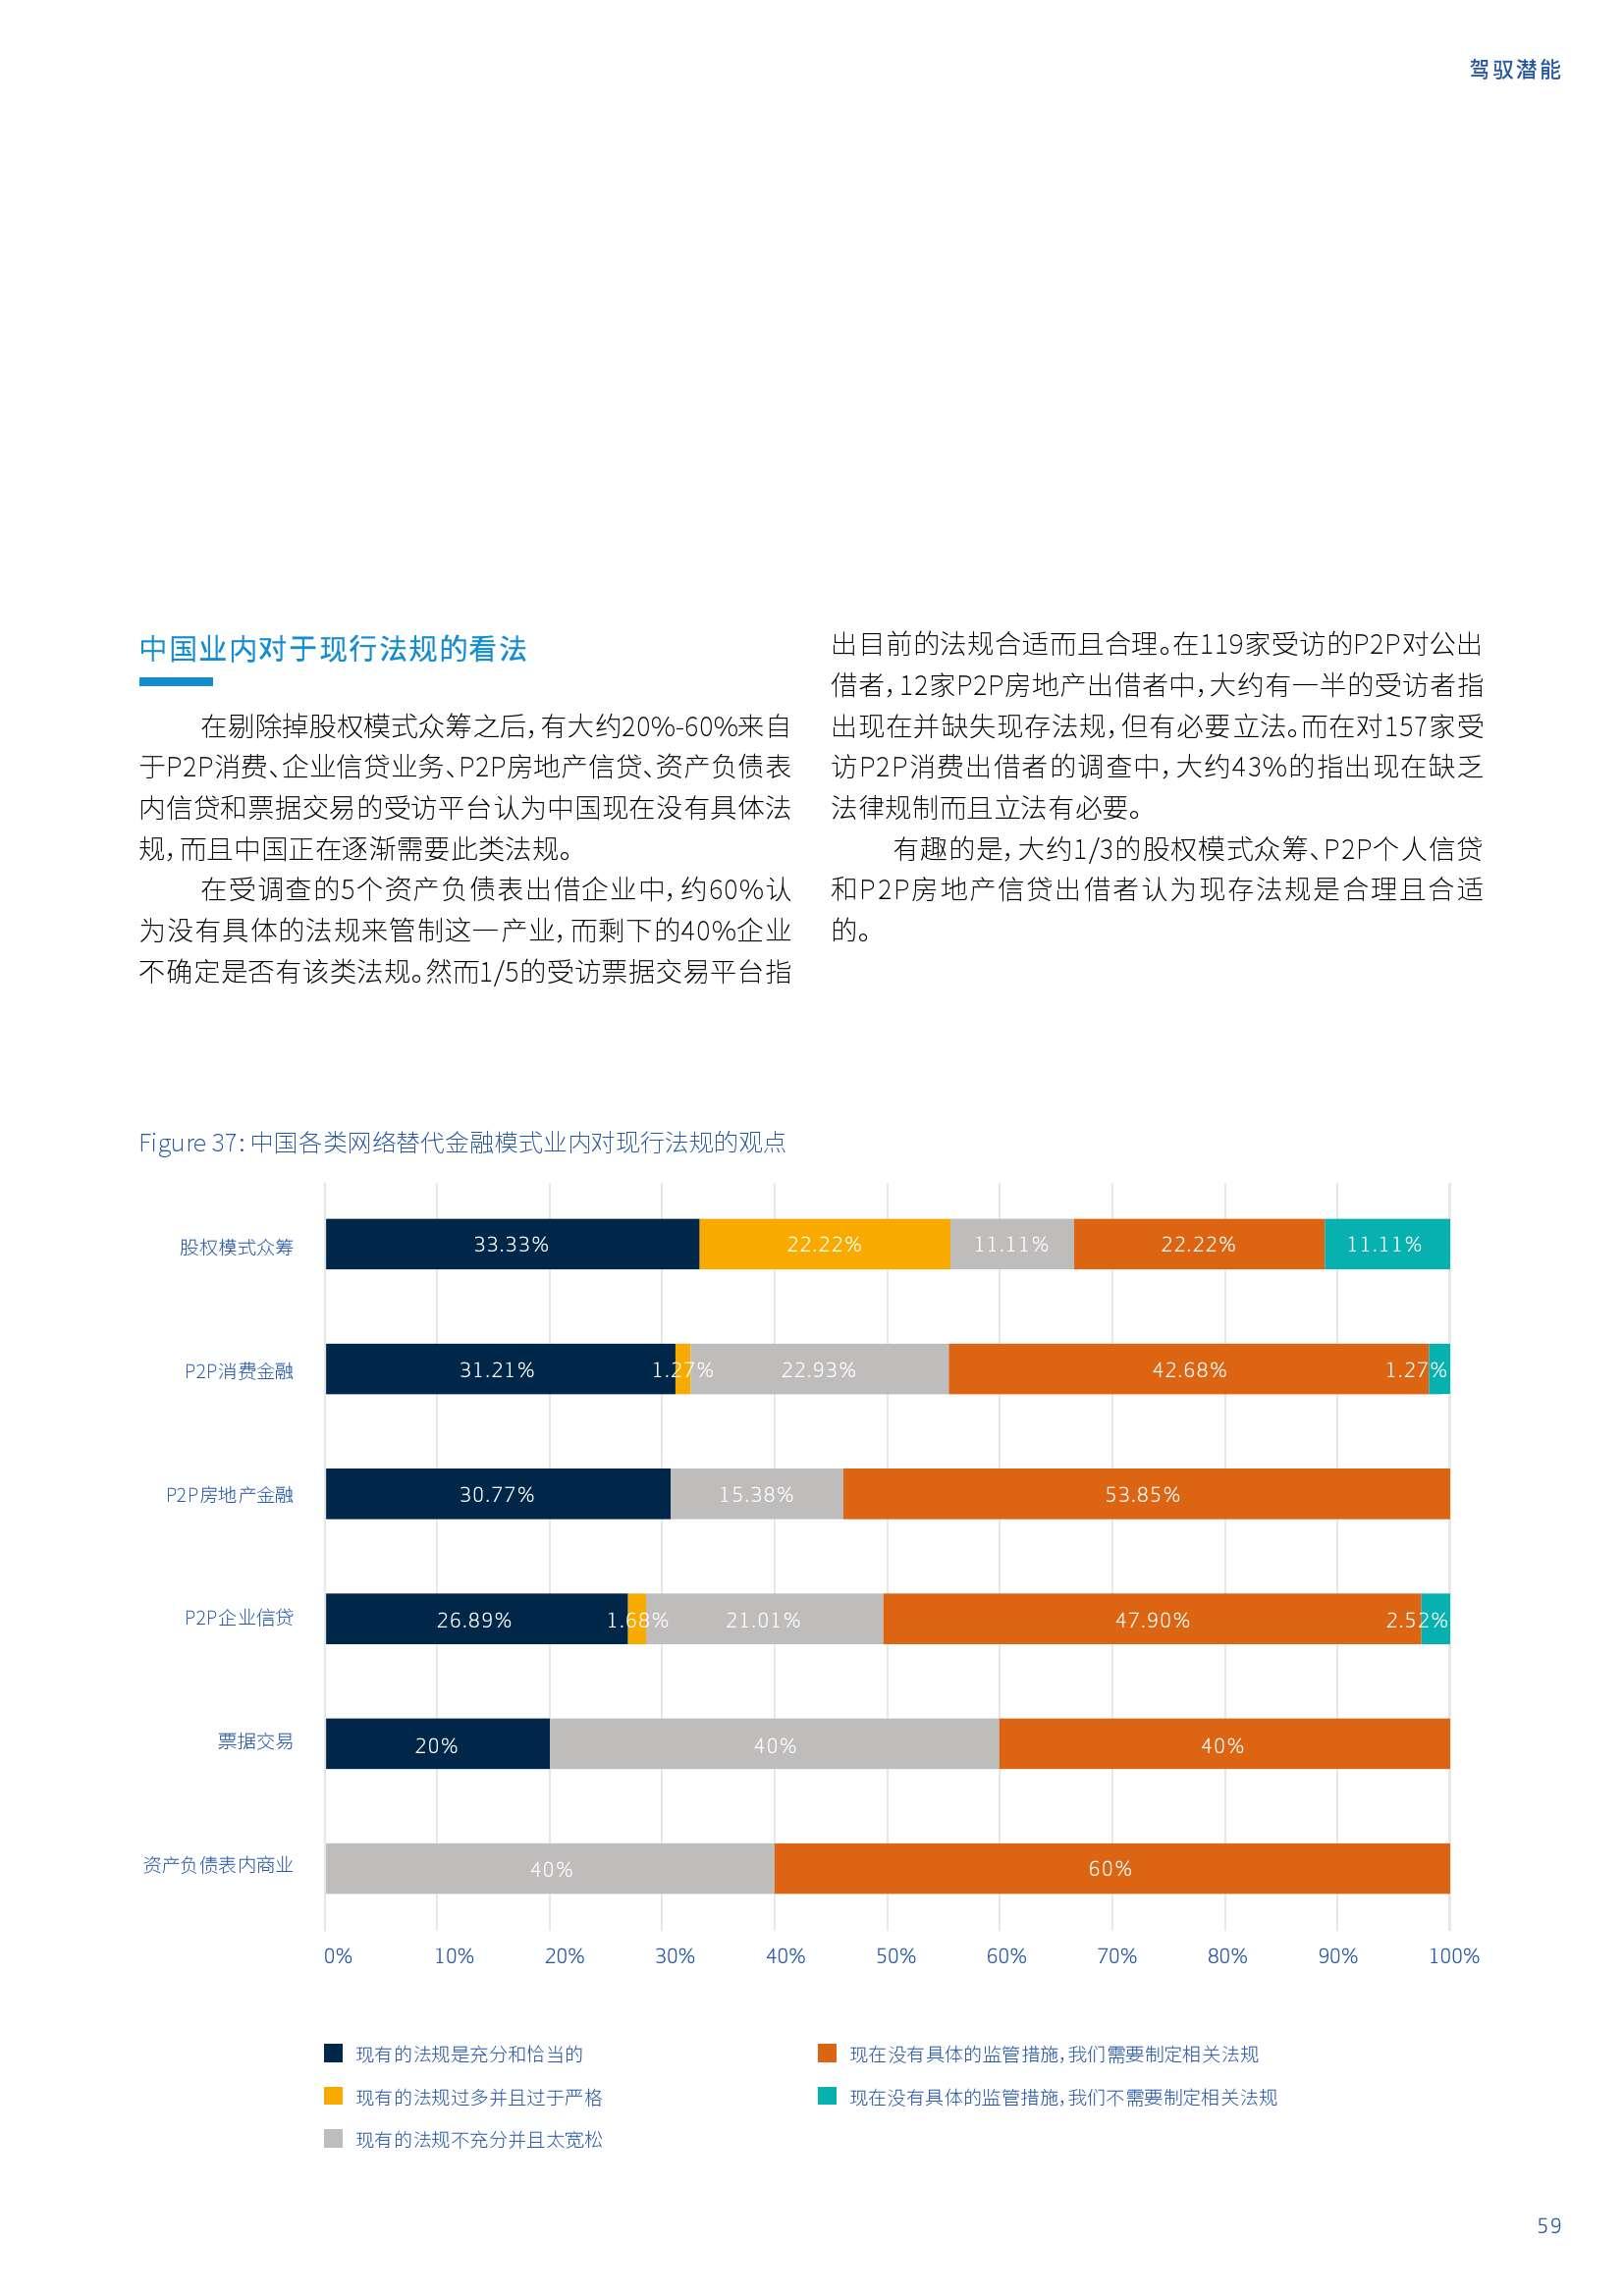 亚太地区网络替代金融基准报告_000059